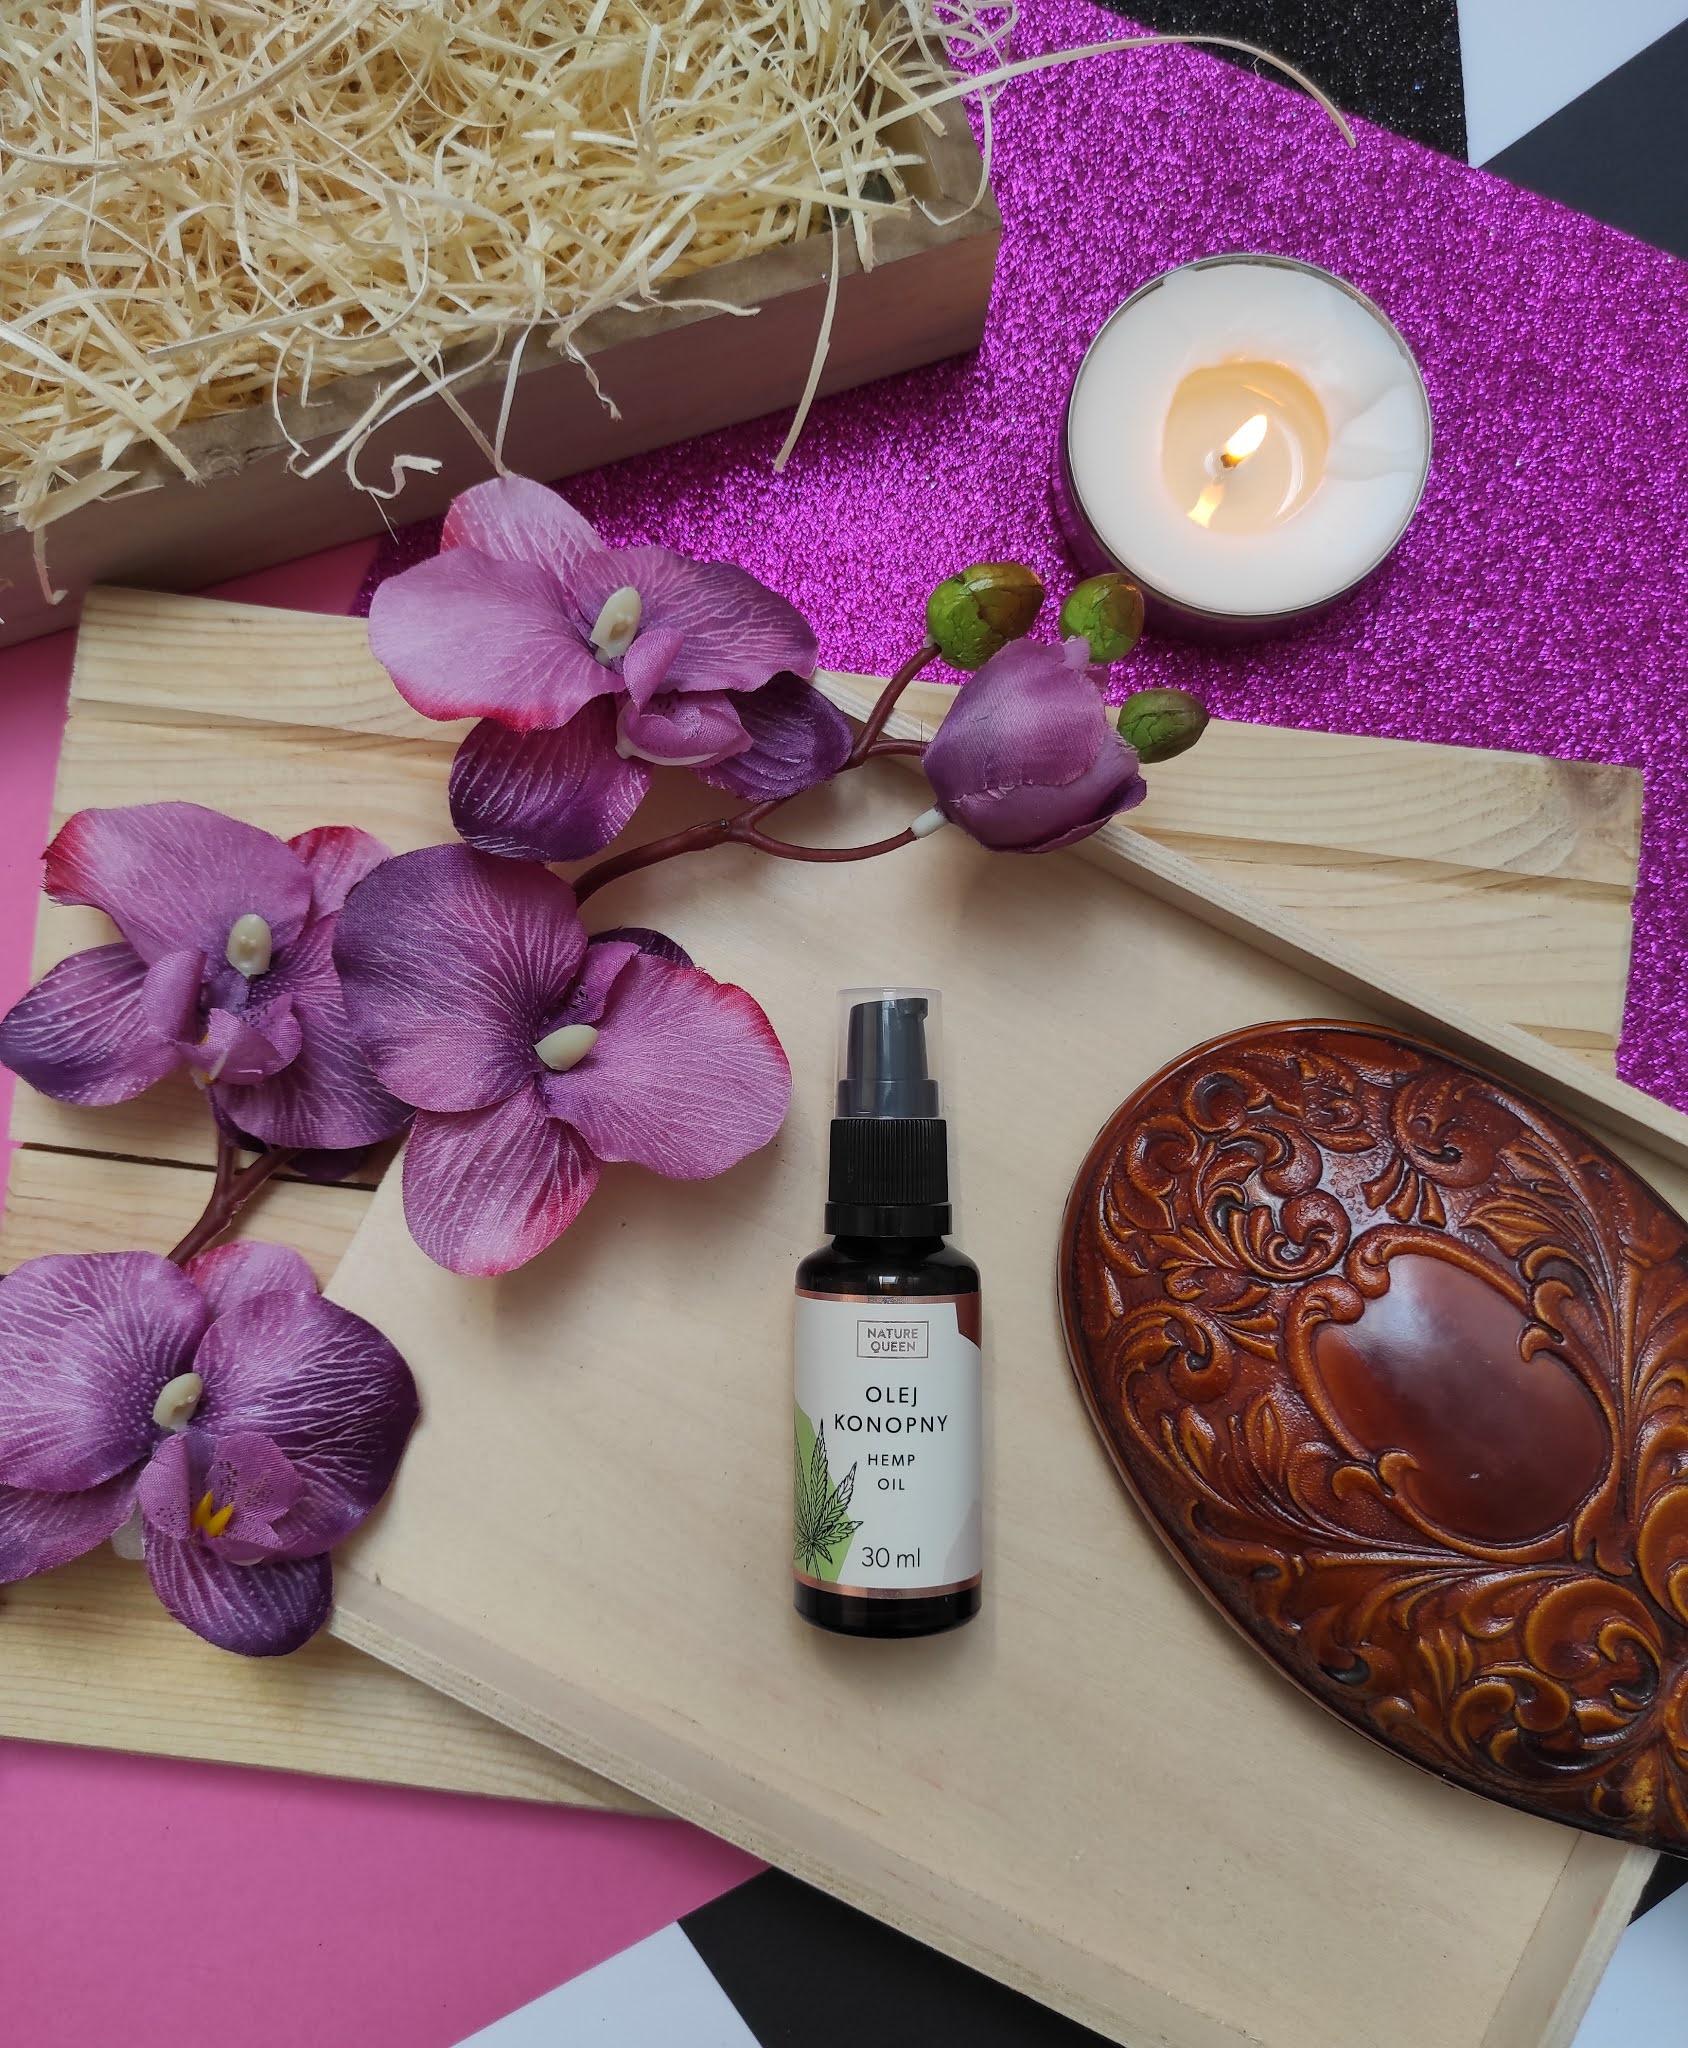 Nature Queen olej konopny - idealny do pielęgnacji skóry trądzikowej